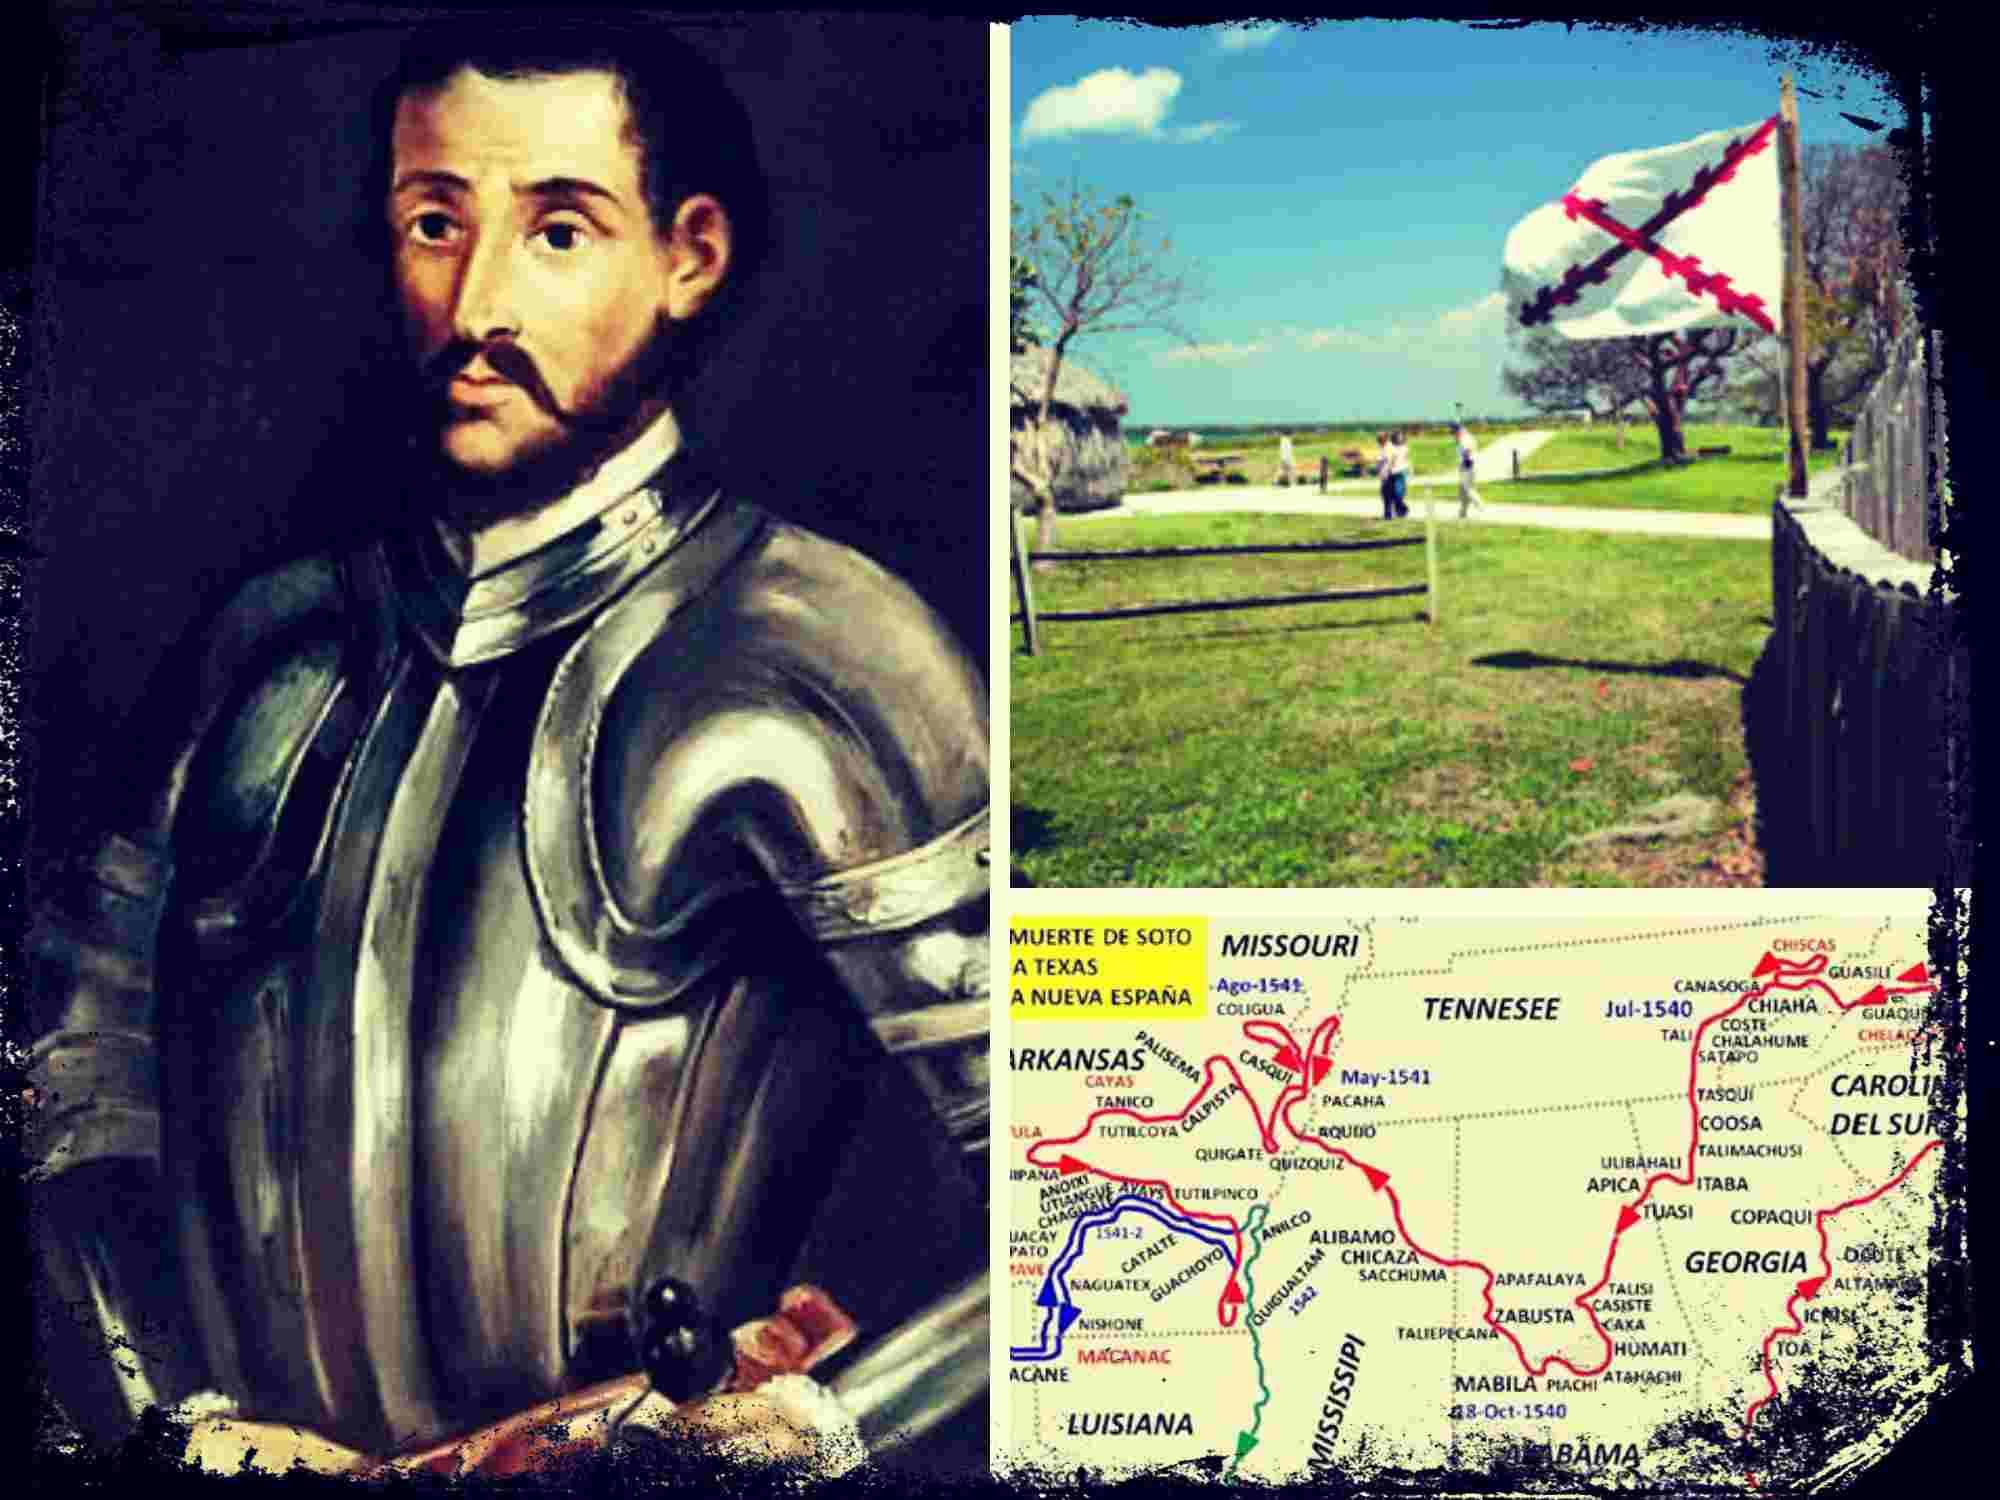 La expedición norteamericana de Hernando de Soto